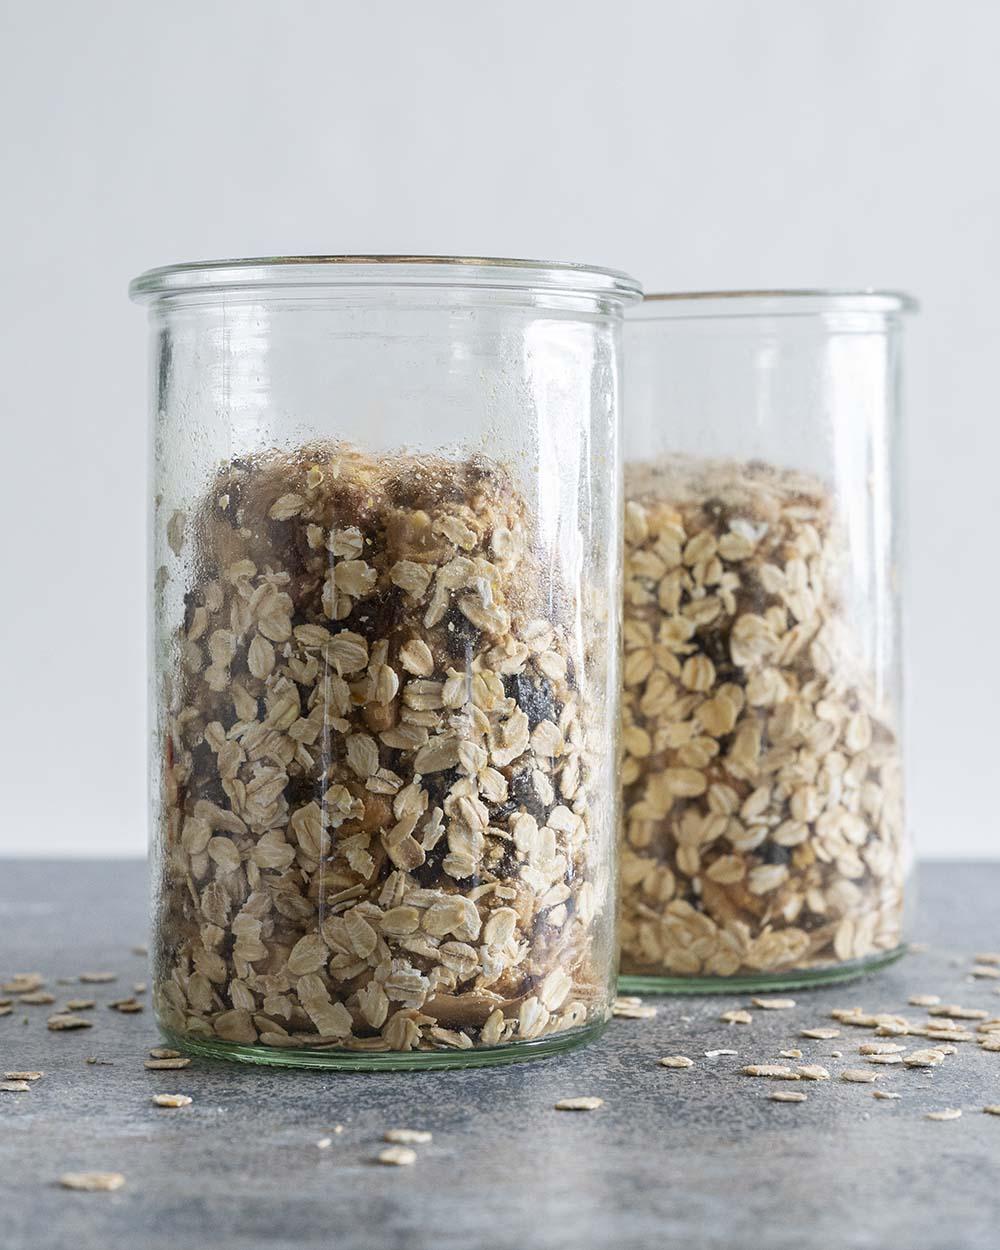 Der Teig für unser Früchtebrot in zwei Gläsern. Gleich schieben wir die gläser zum Backen in den Ofen